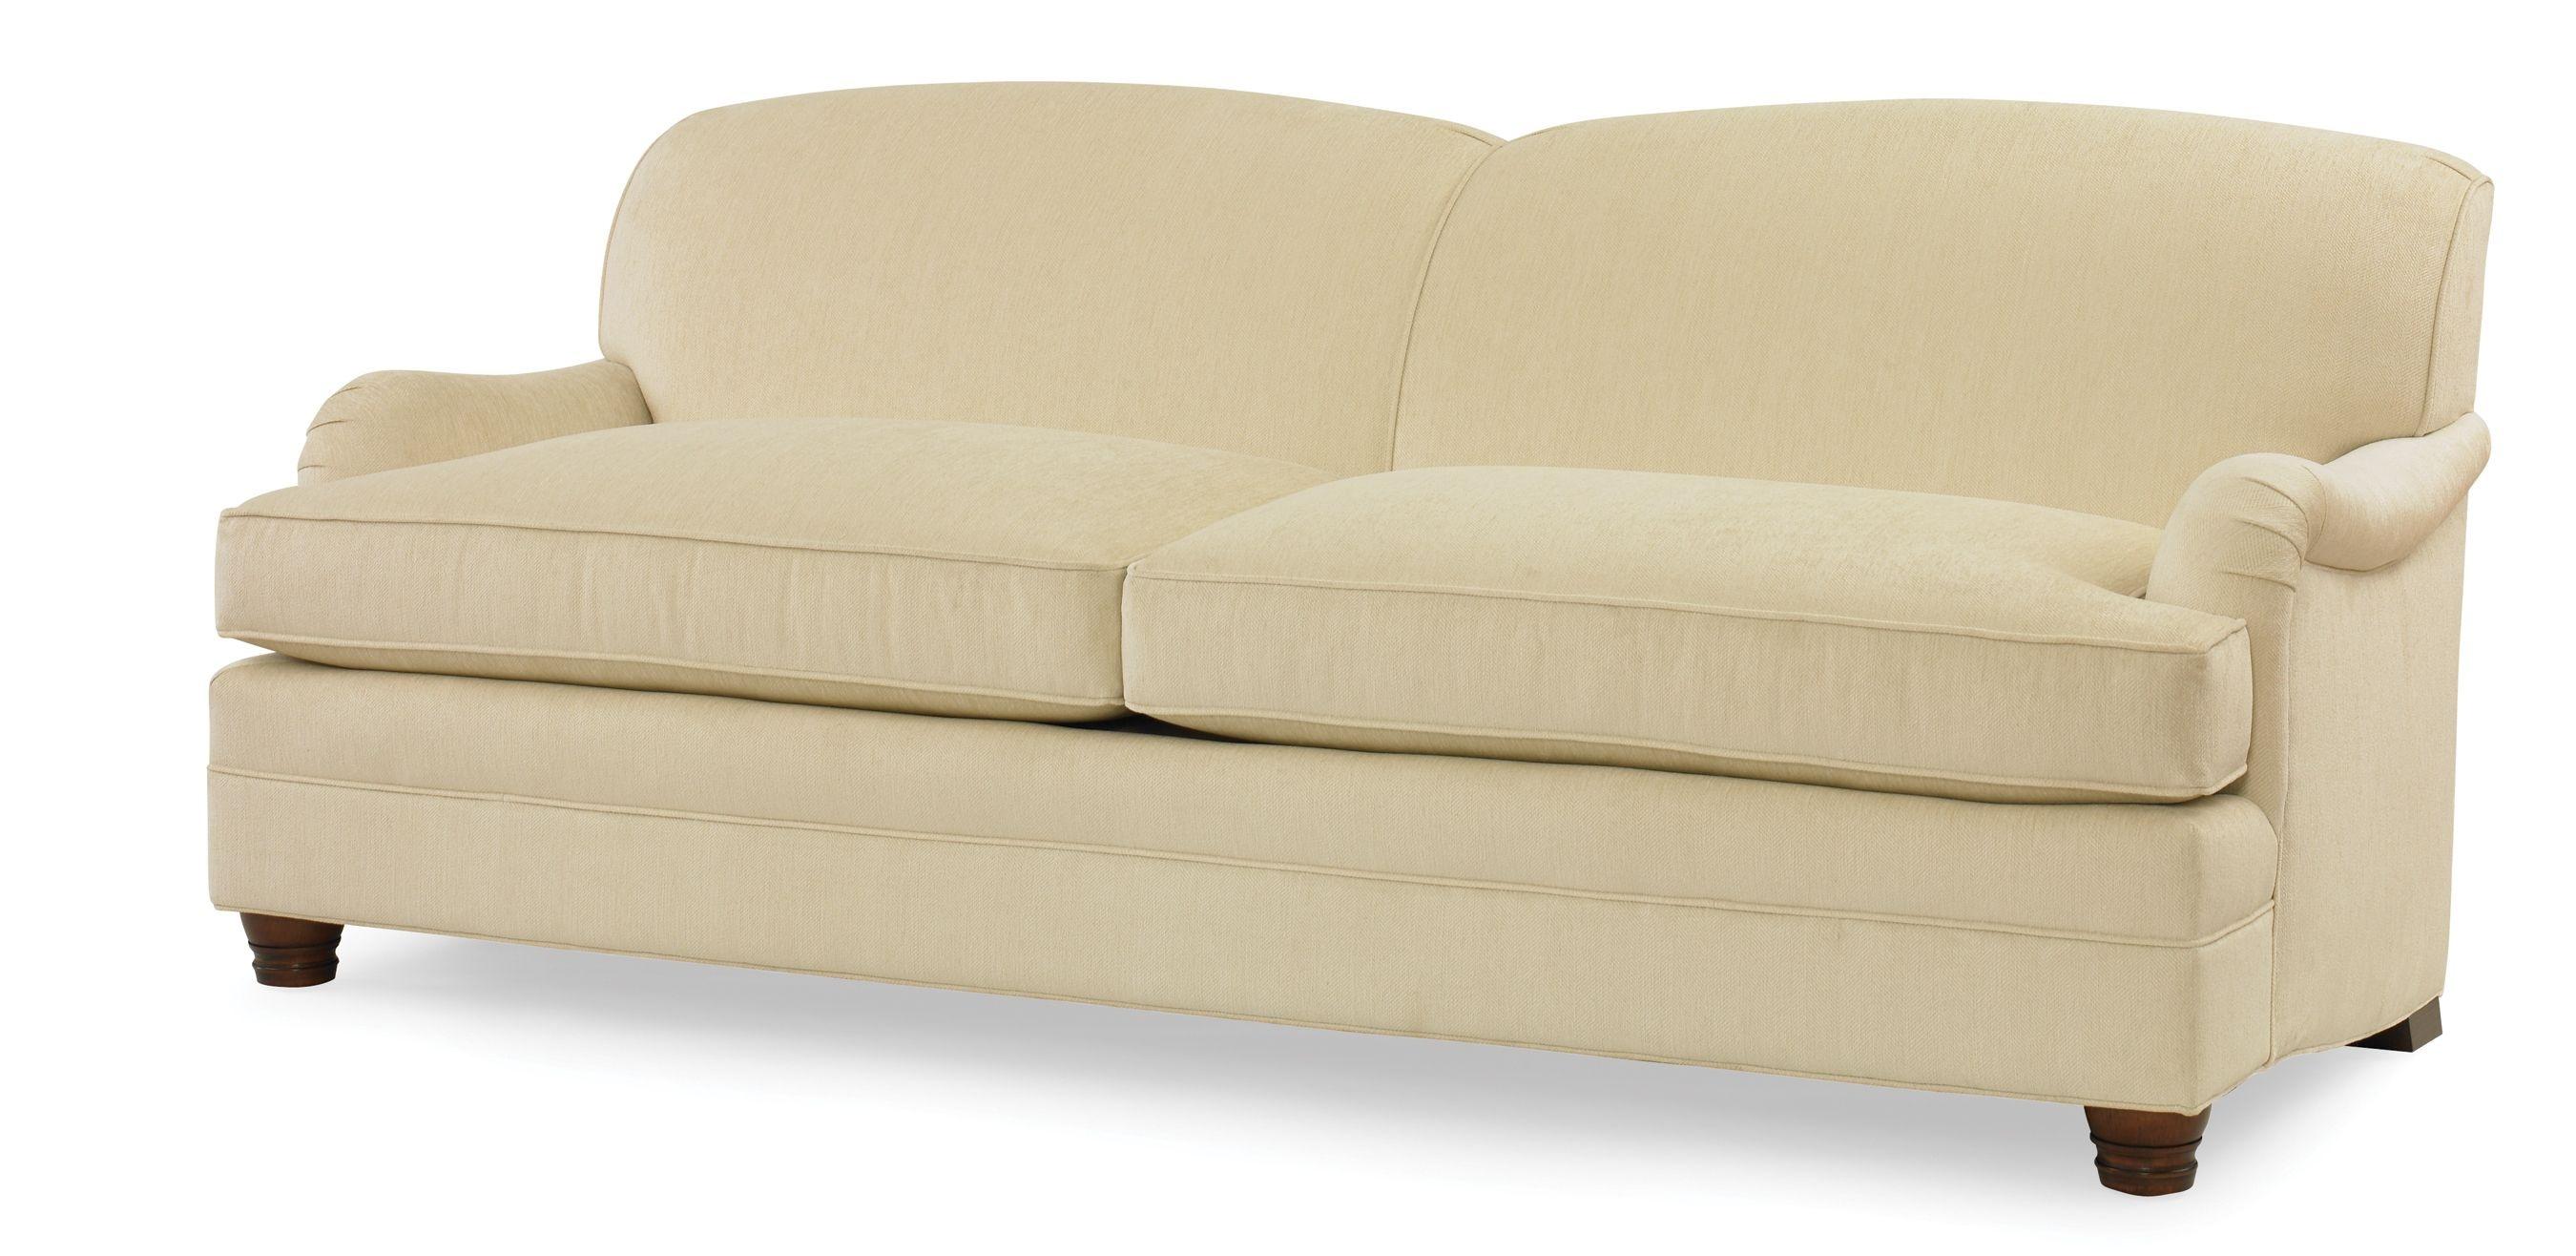 Kravet Smart Lehigh Sleeper Sofa S833 SS